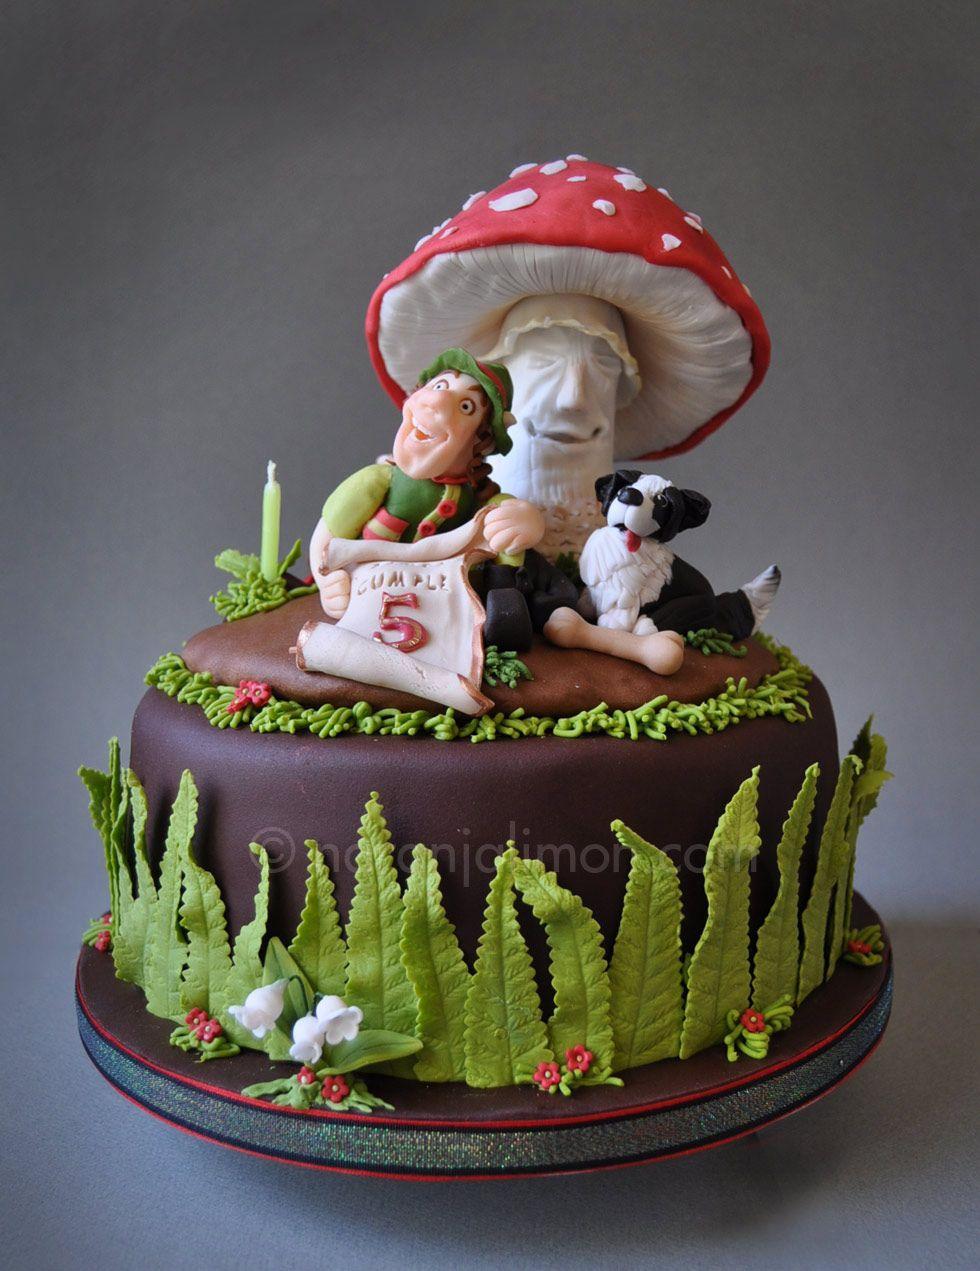 Tarta de Simón, un niño de 5 años que vio una tarta con un duende y una seta en un escaparate y se pidió uno. Le habrá gustado mi interpretación del tema? Espero que si!! Felicidades Simón